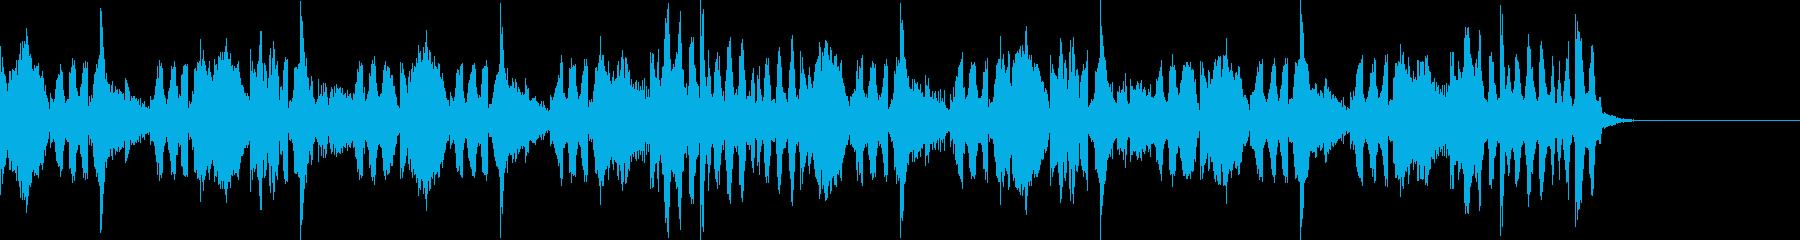 ダブステップ風のジングルの再生済みの波形